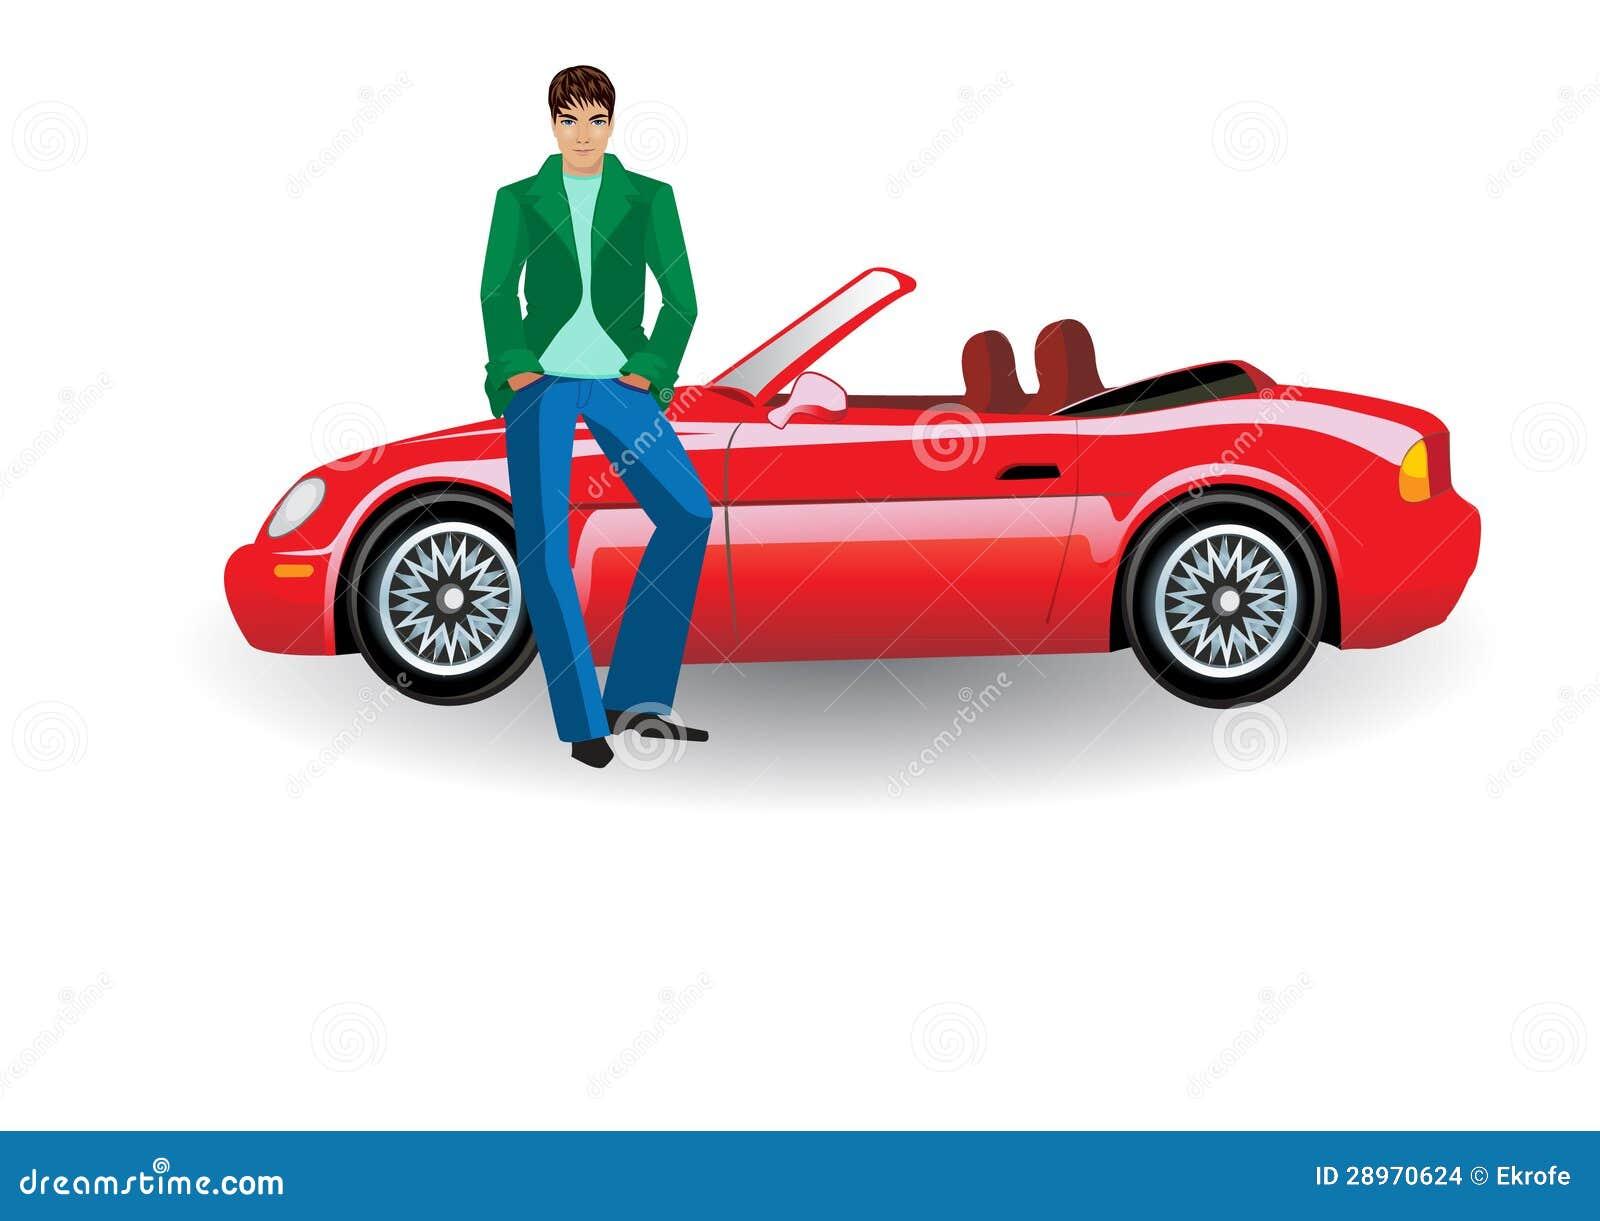 Młody człowiek z czerwonym odwracalnym samochodem,